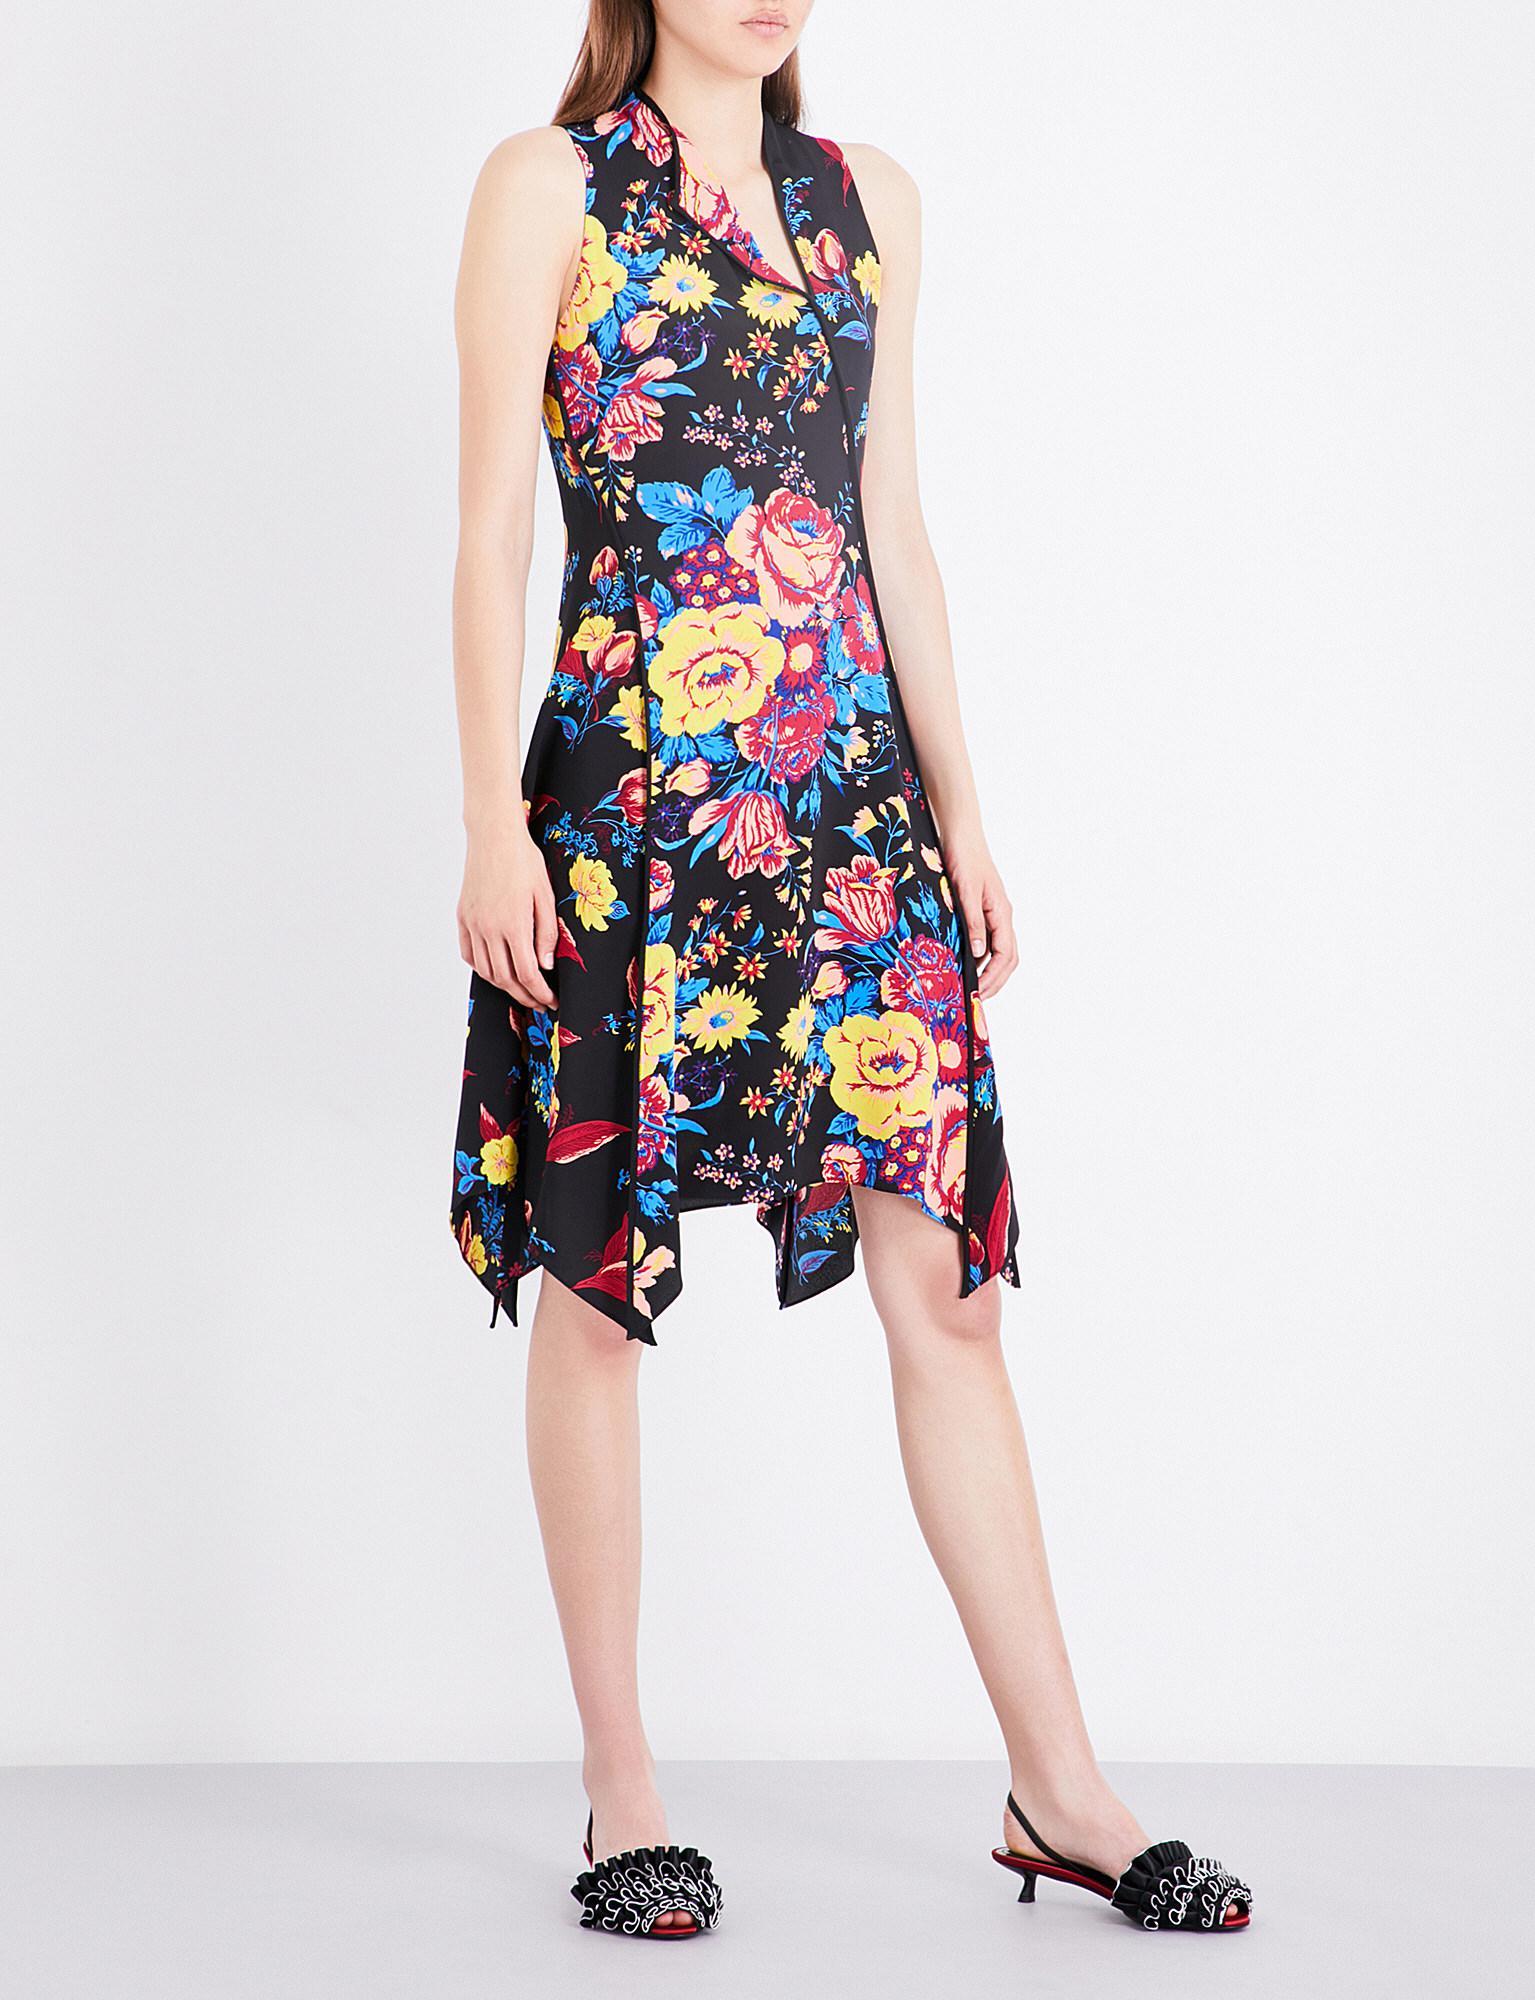 067413a09618 Lyst - Diane von Furstenberg Floral Bias-cut Silk Dress in Black